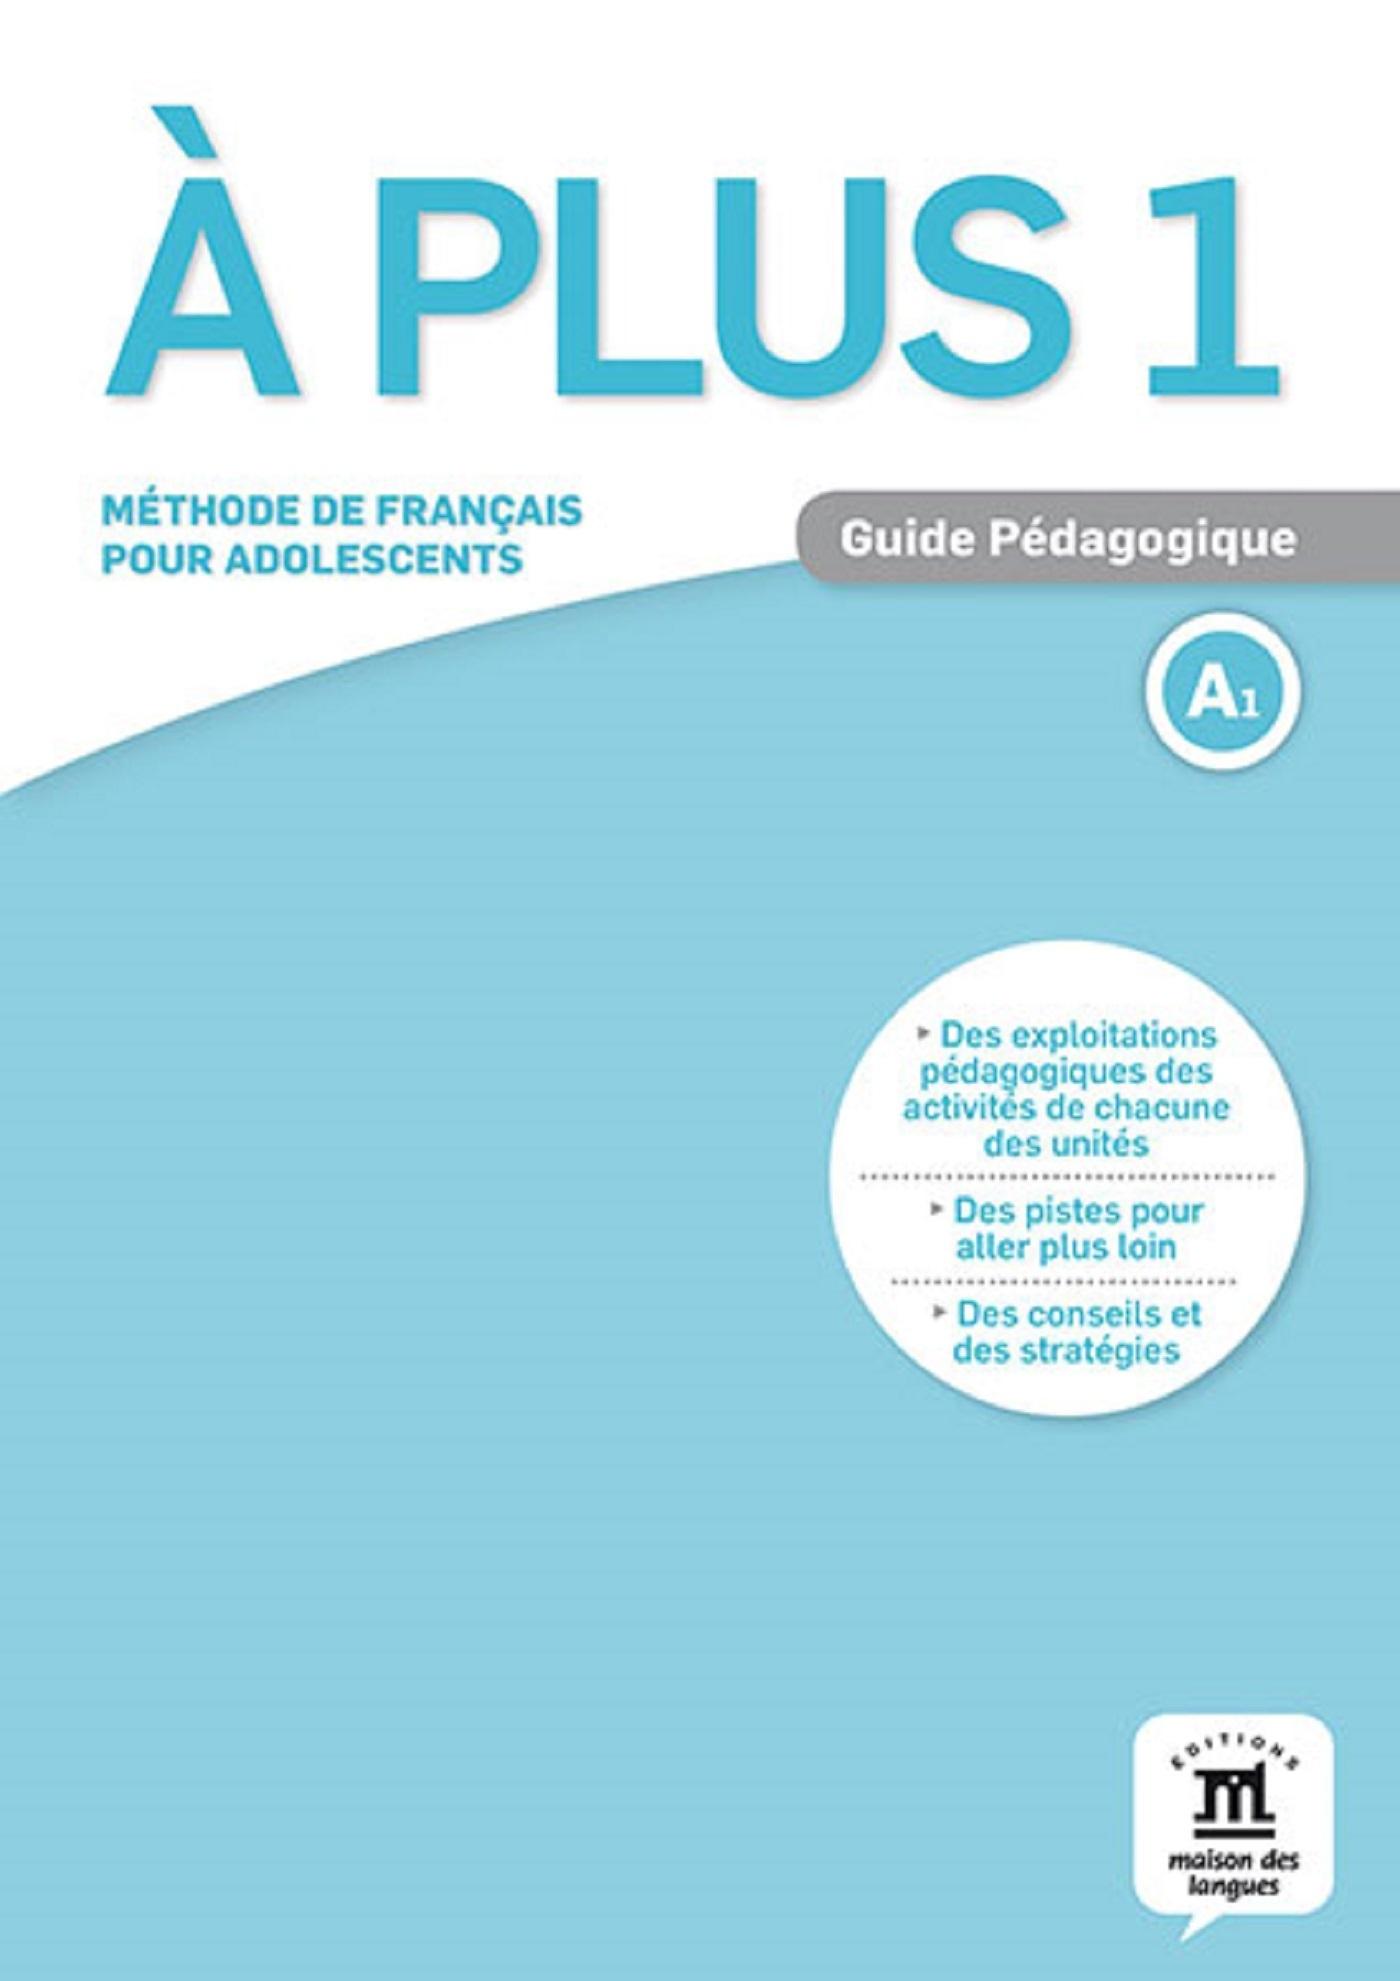 A PLUS ! 1 - GUIDE PEDAGOGIQUE (FORMAT PAPIER)